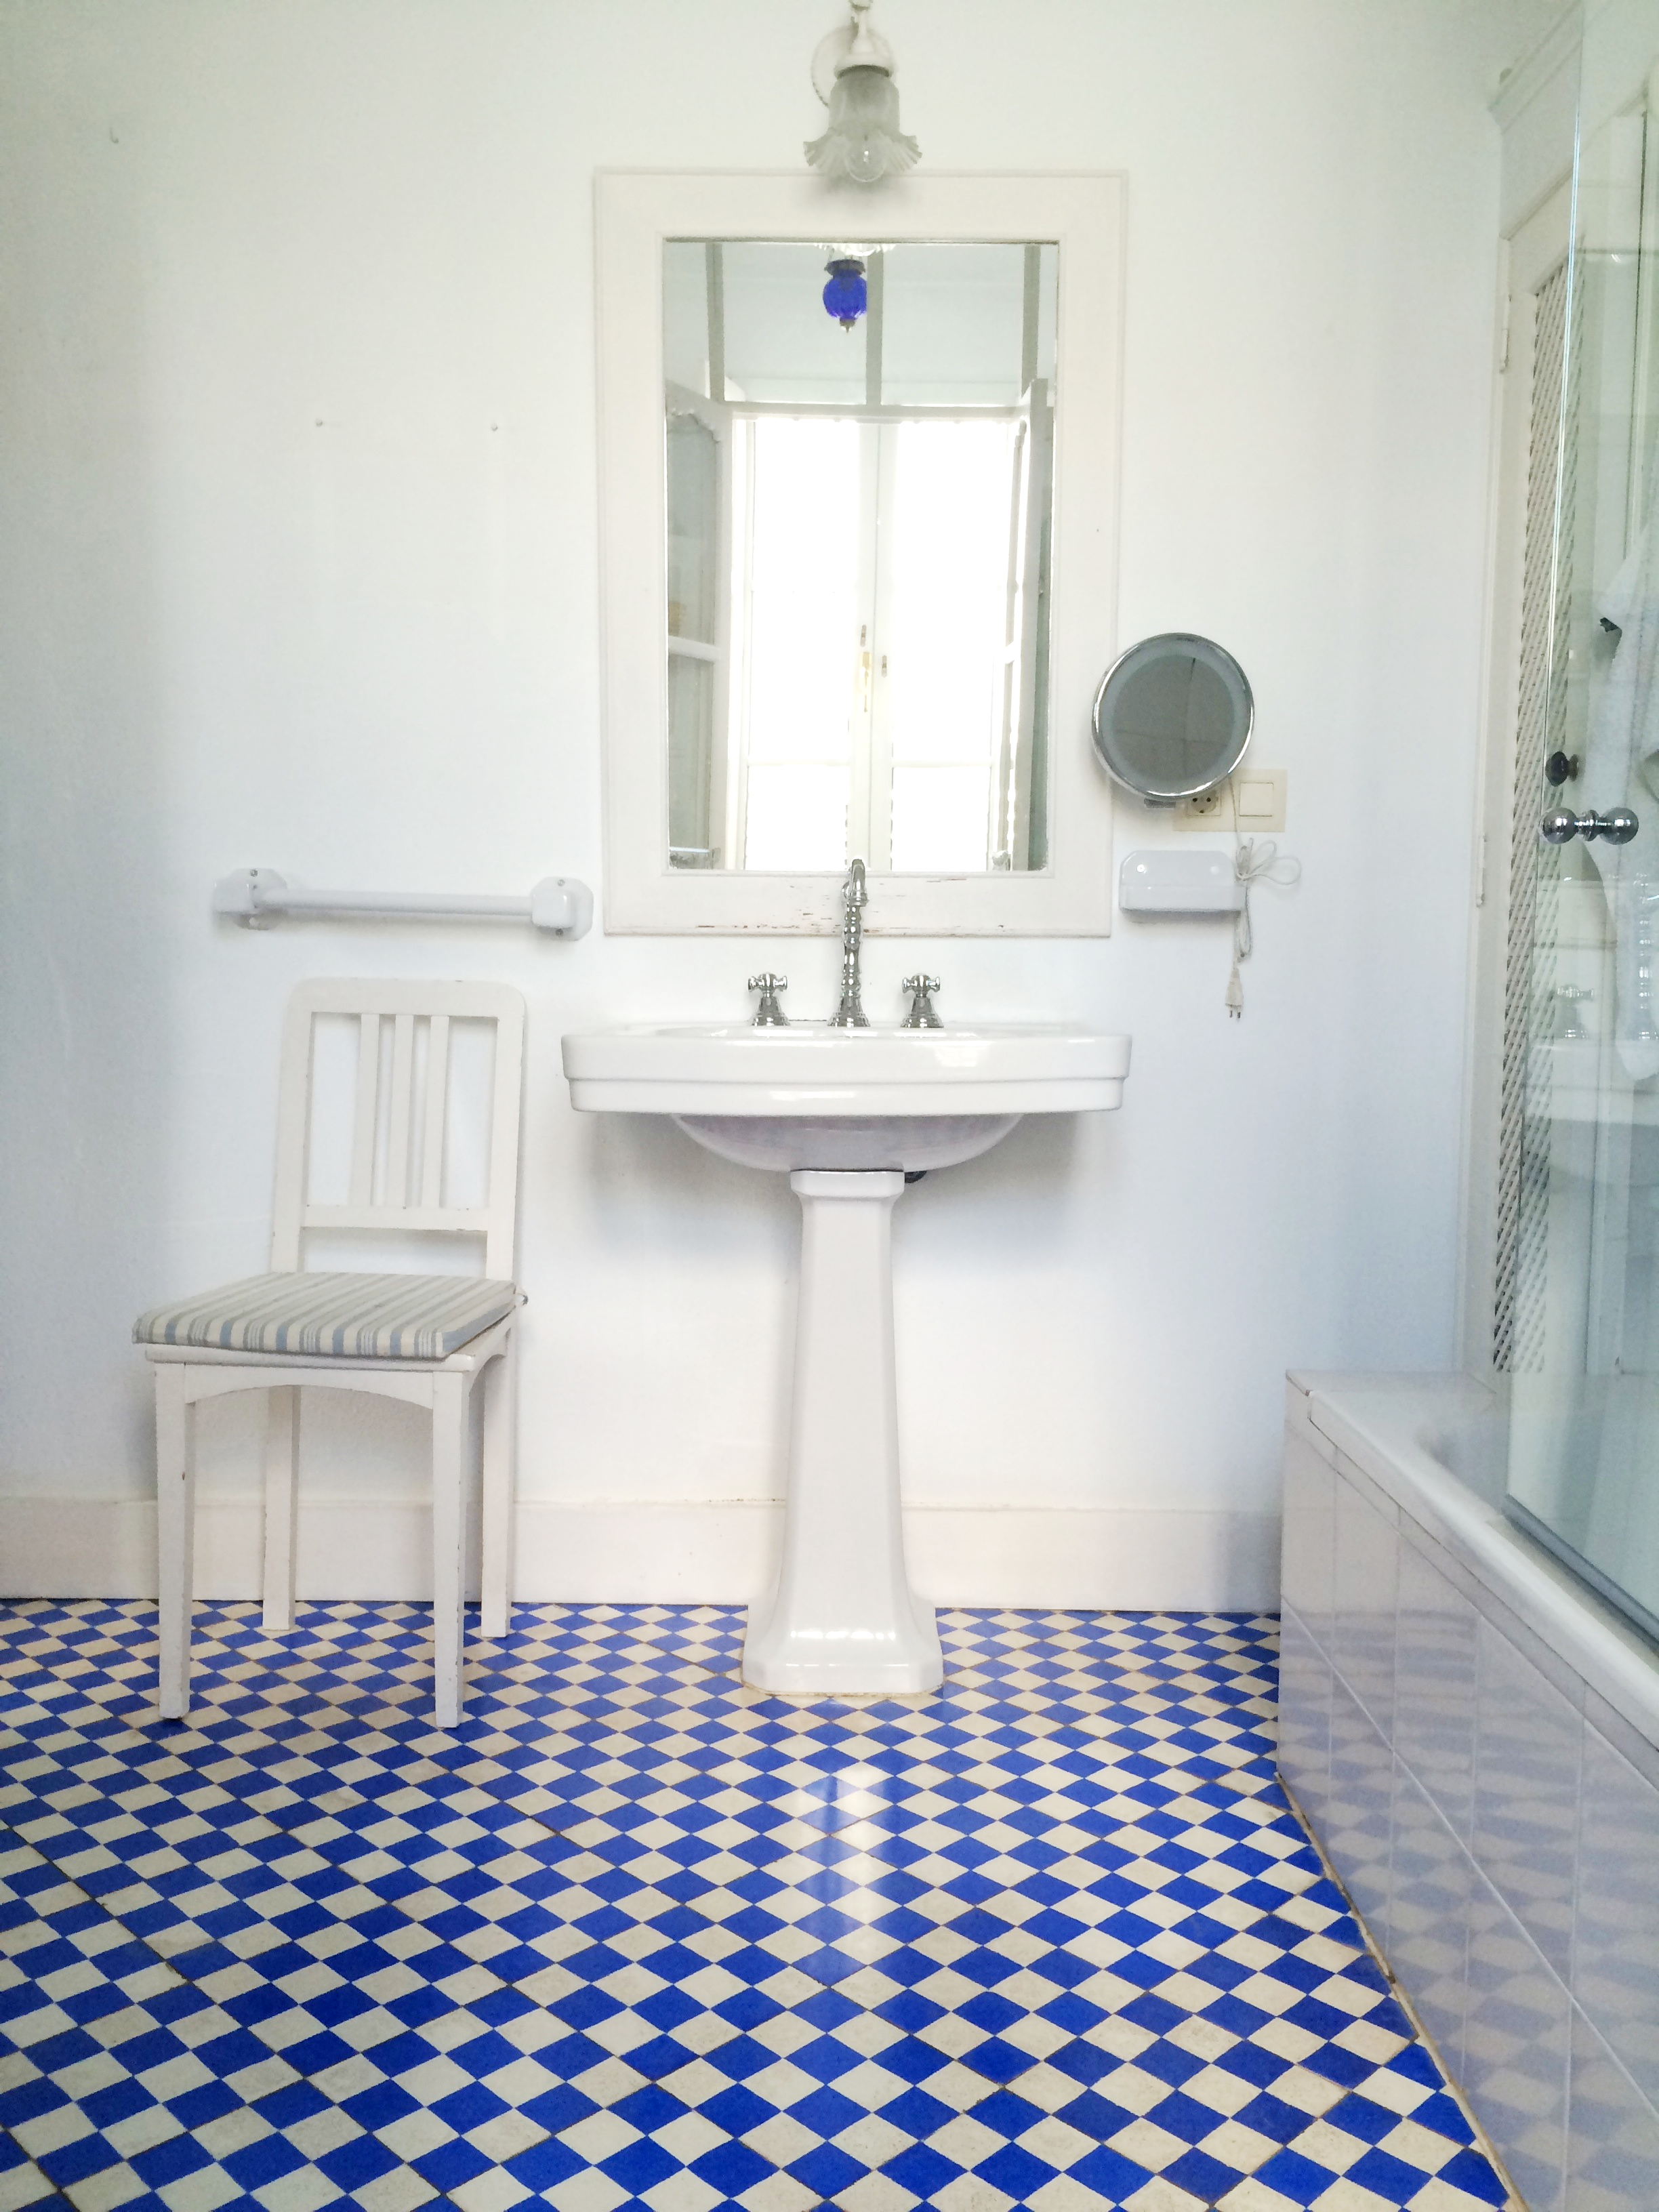 Suelo hidr ulico cuarto de ba o ba o bathroom for Suelo hidraulico antiguo